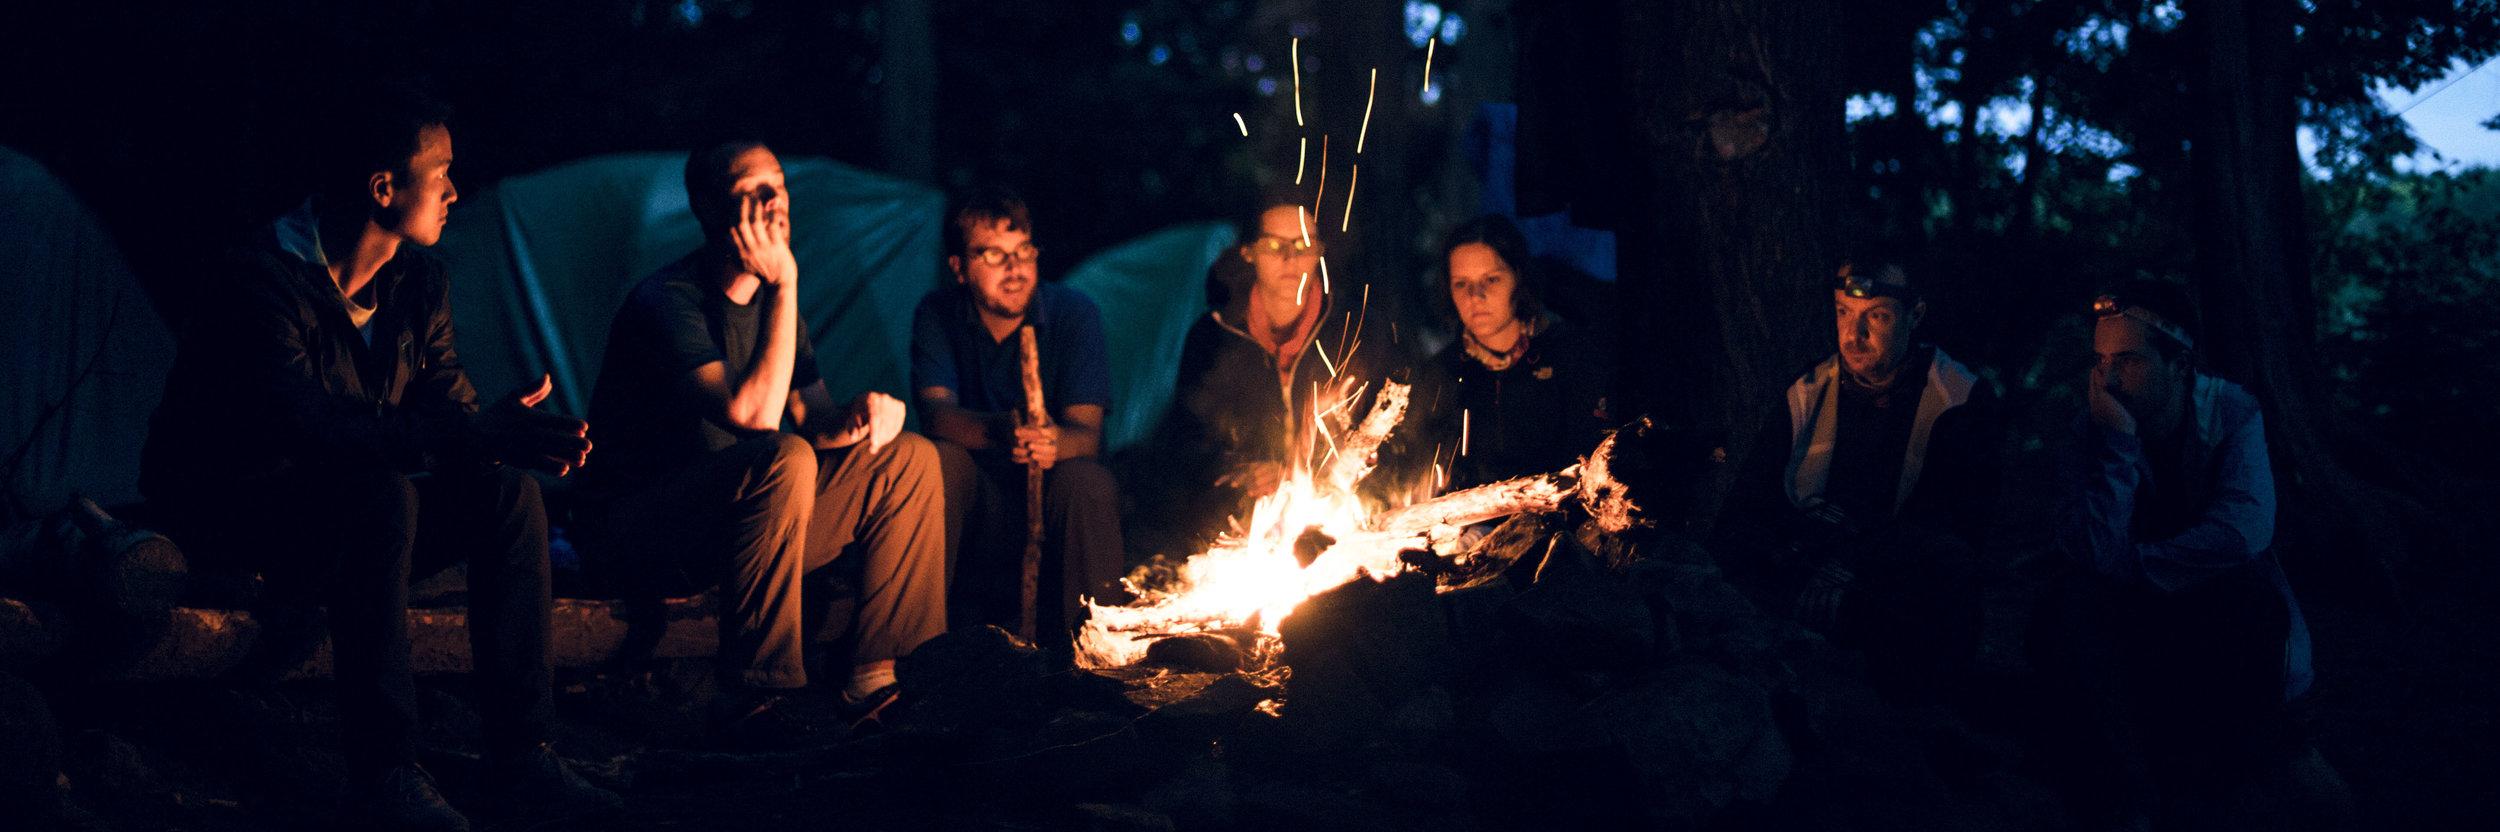 bonfire-1867275_edit_2.jpg